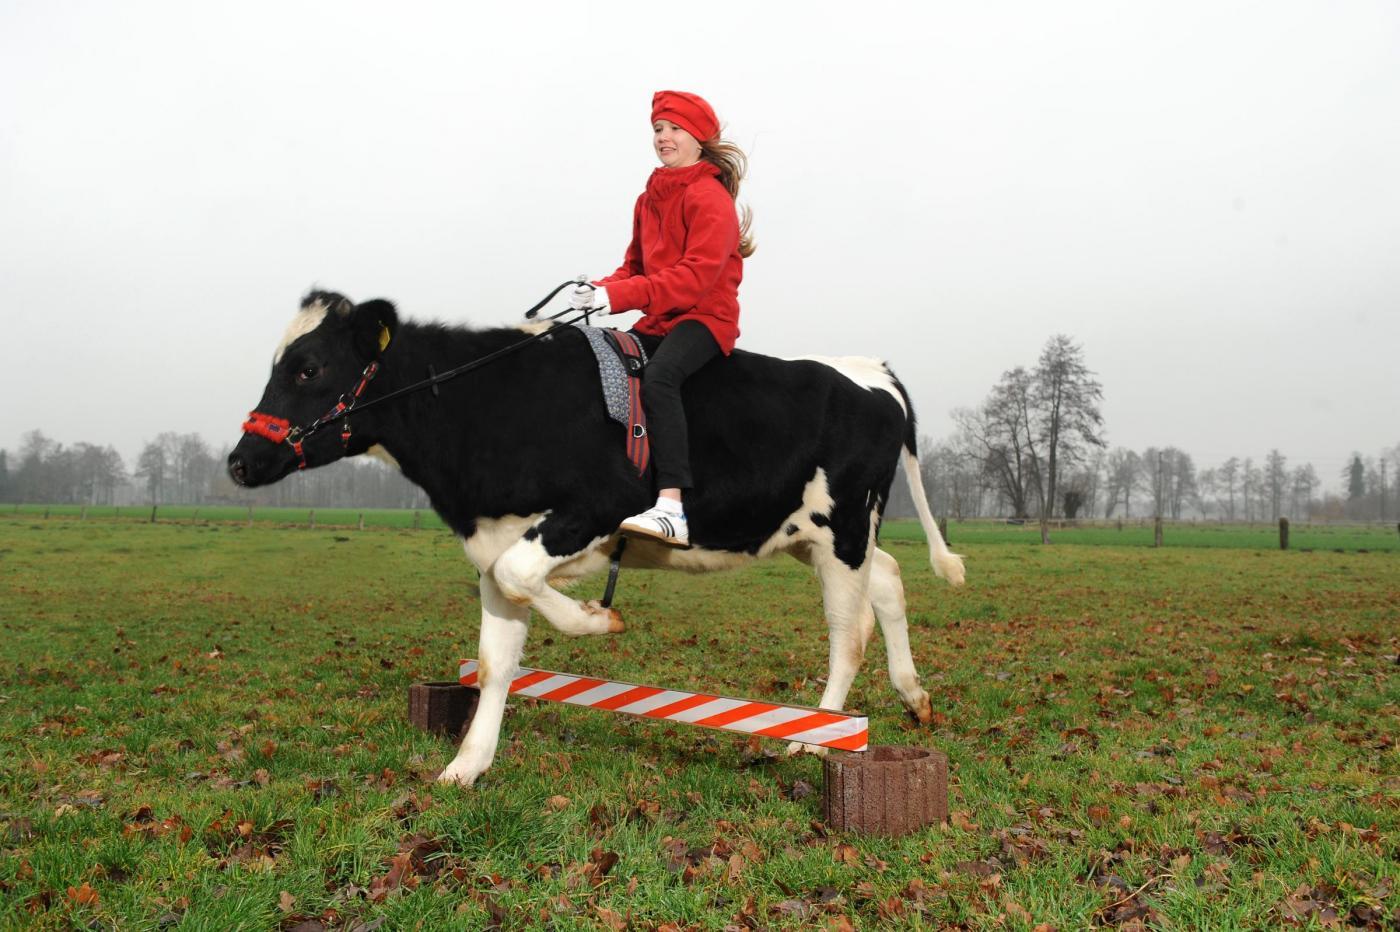 Germania la ragazzina che a 12 anni cavalca una mucca - Avere un cavallo ...